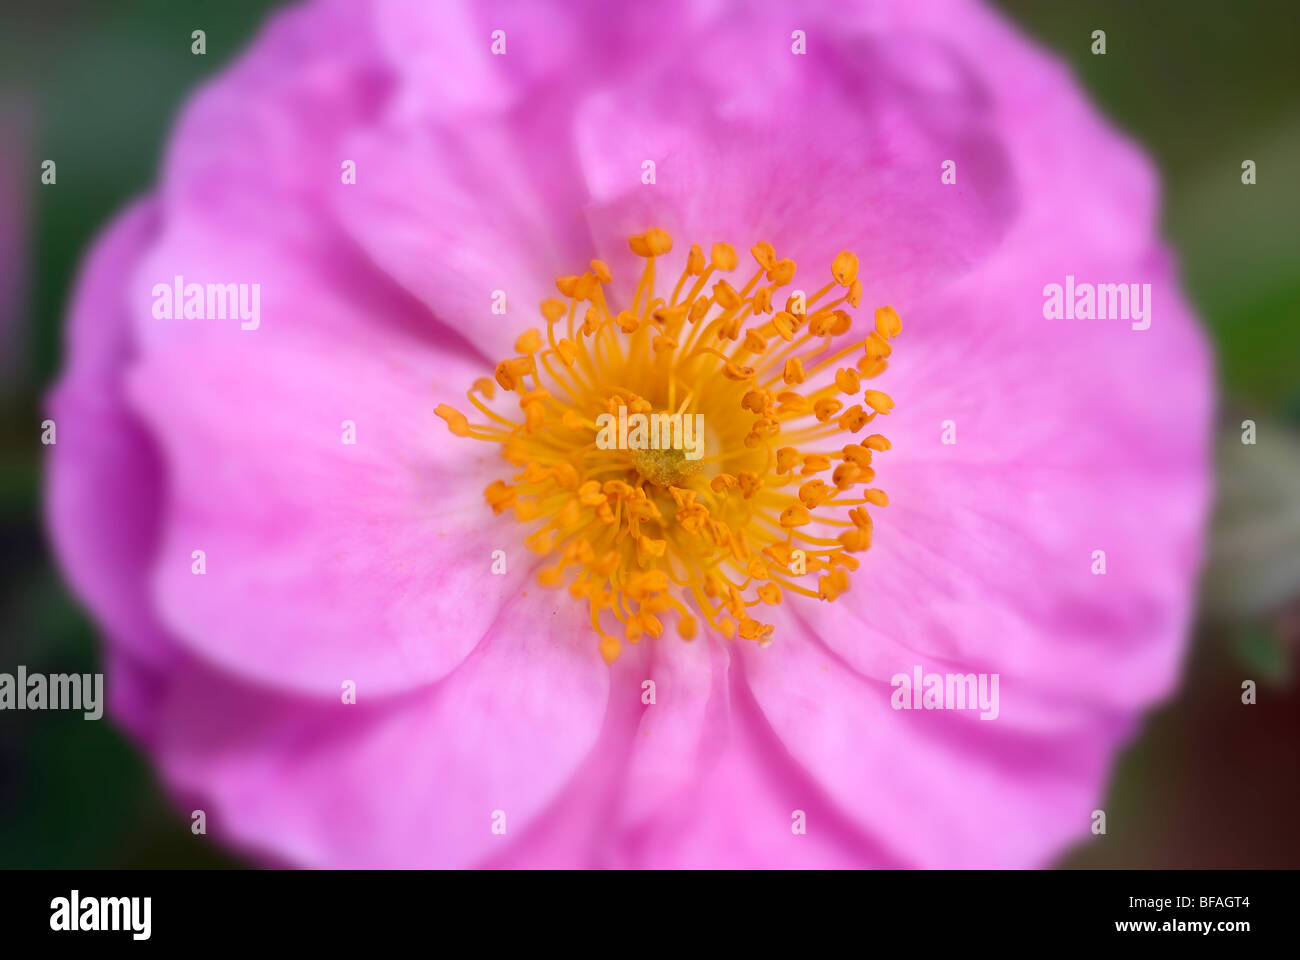 Rosa Rose in miniatura, polline, magenta rose Immagini Stock